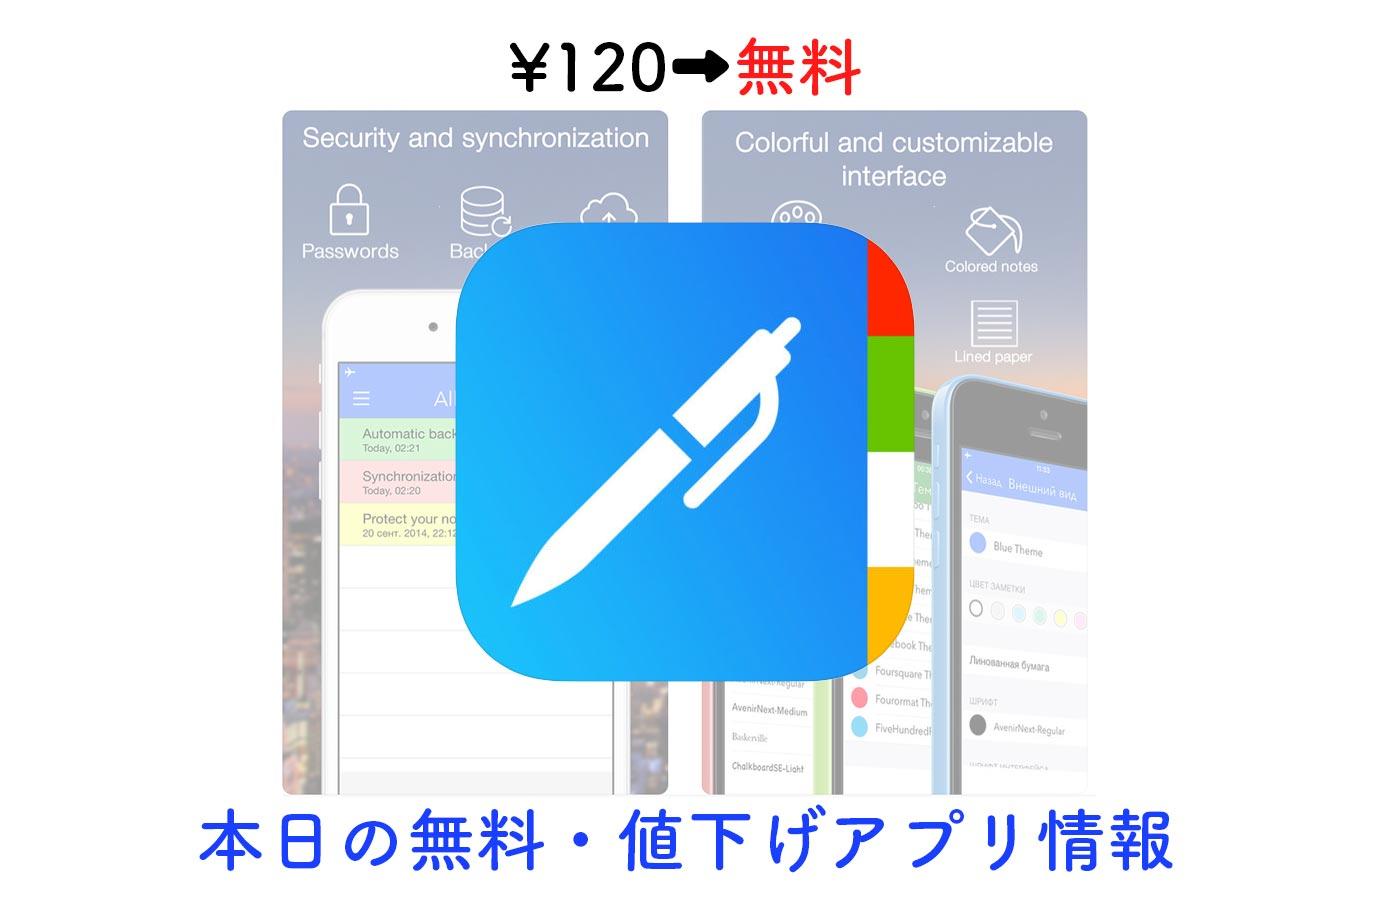 120円→無料、カラフルでわかりやすい多機能ノートアプリ「Note-Ify Notes」など【4/9】セールアプリ情報